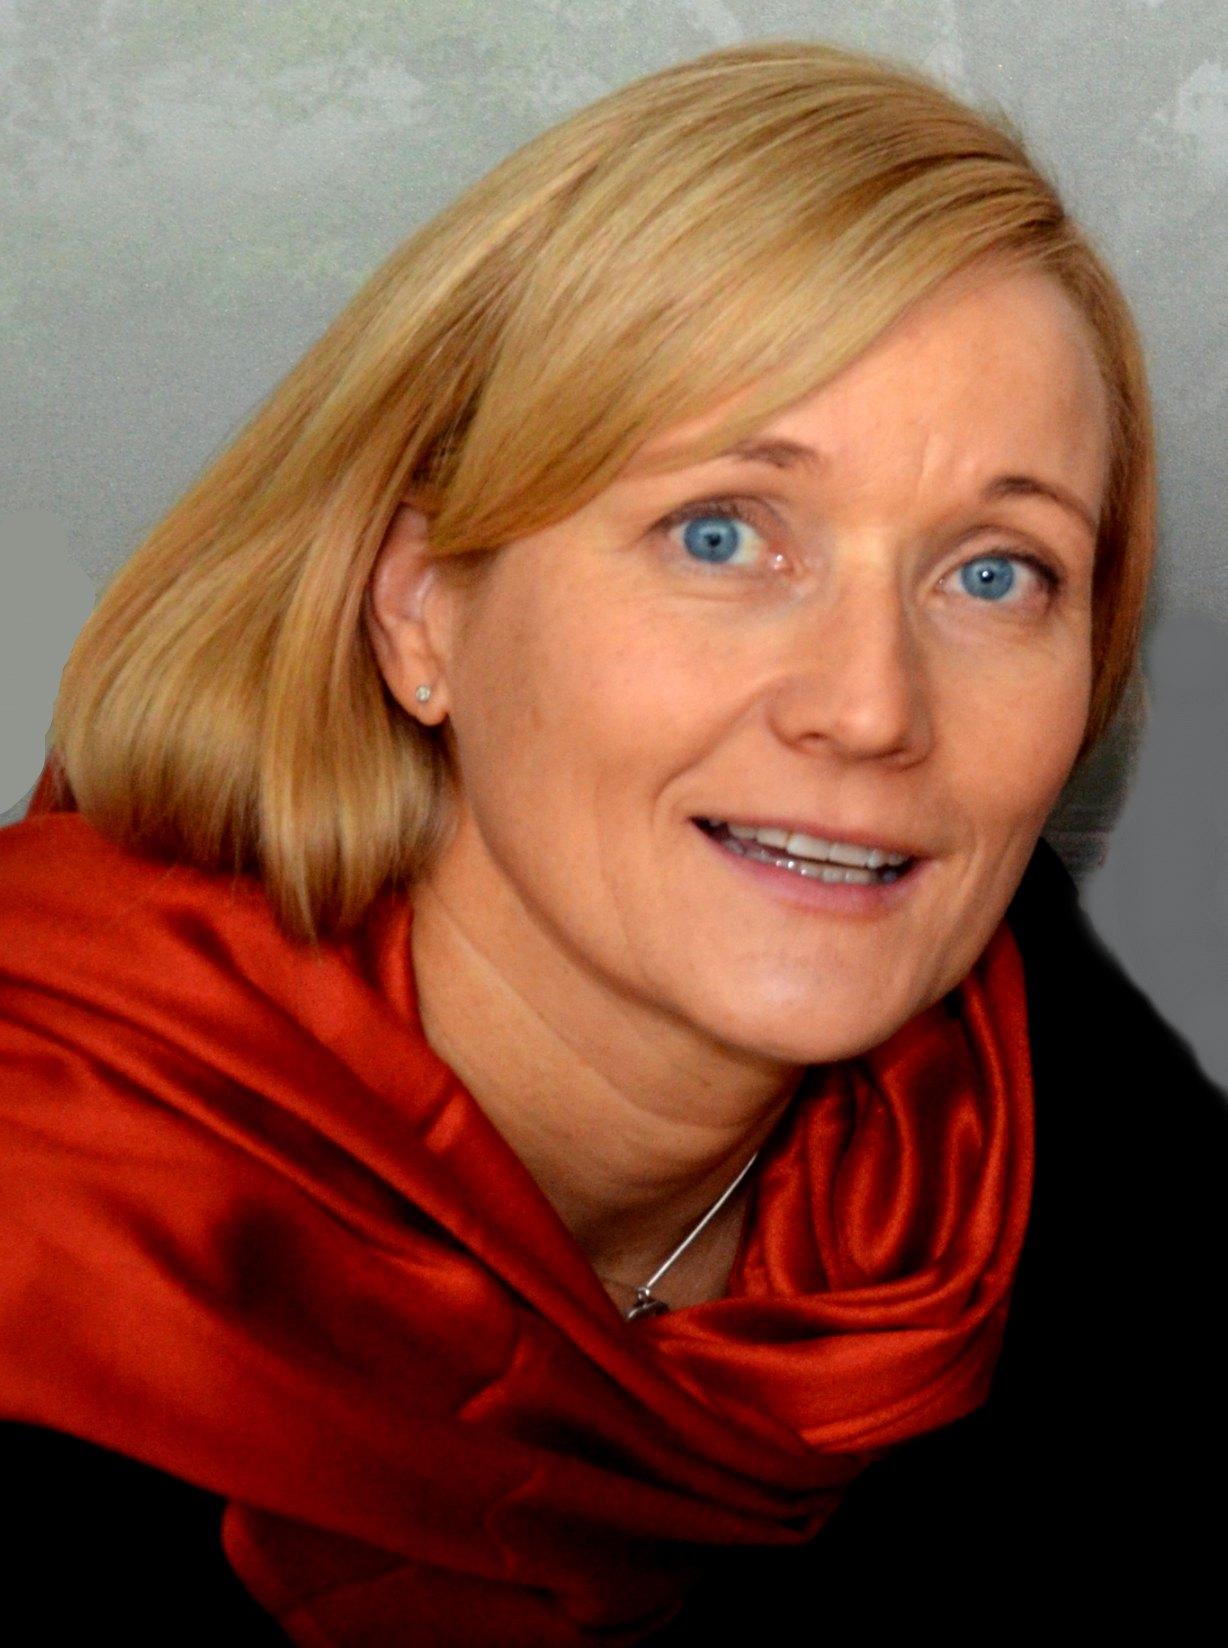 Sari Selkälä